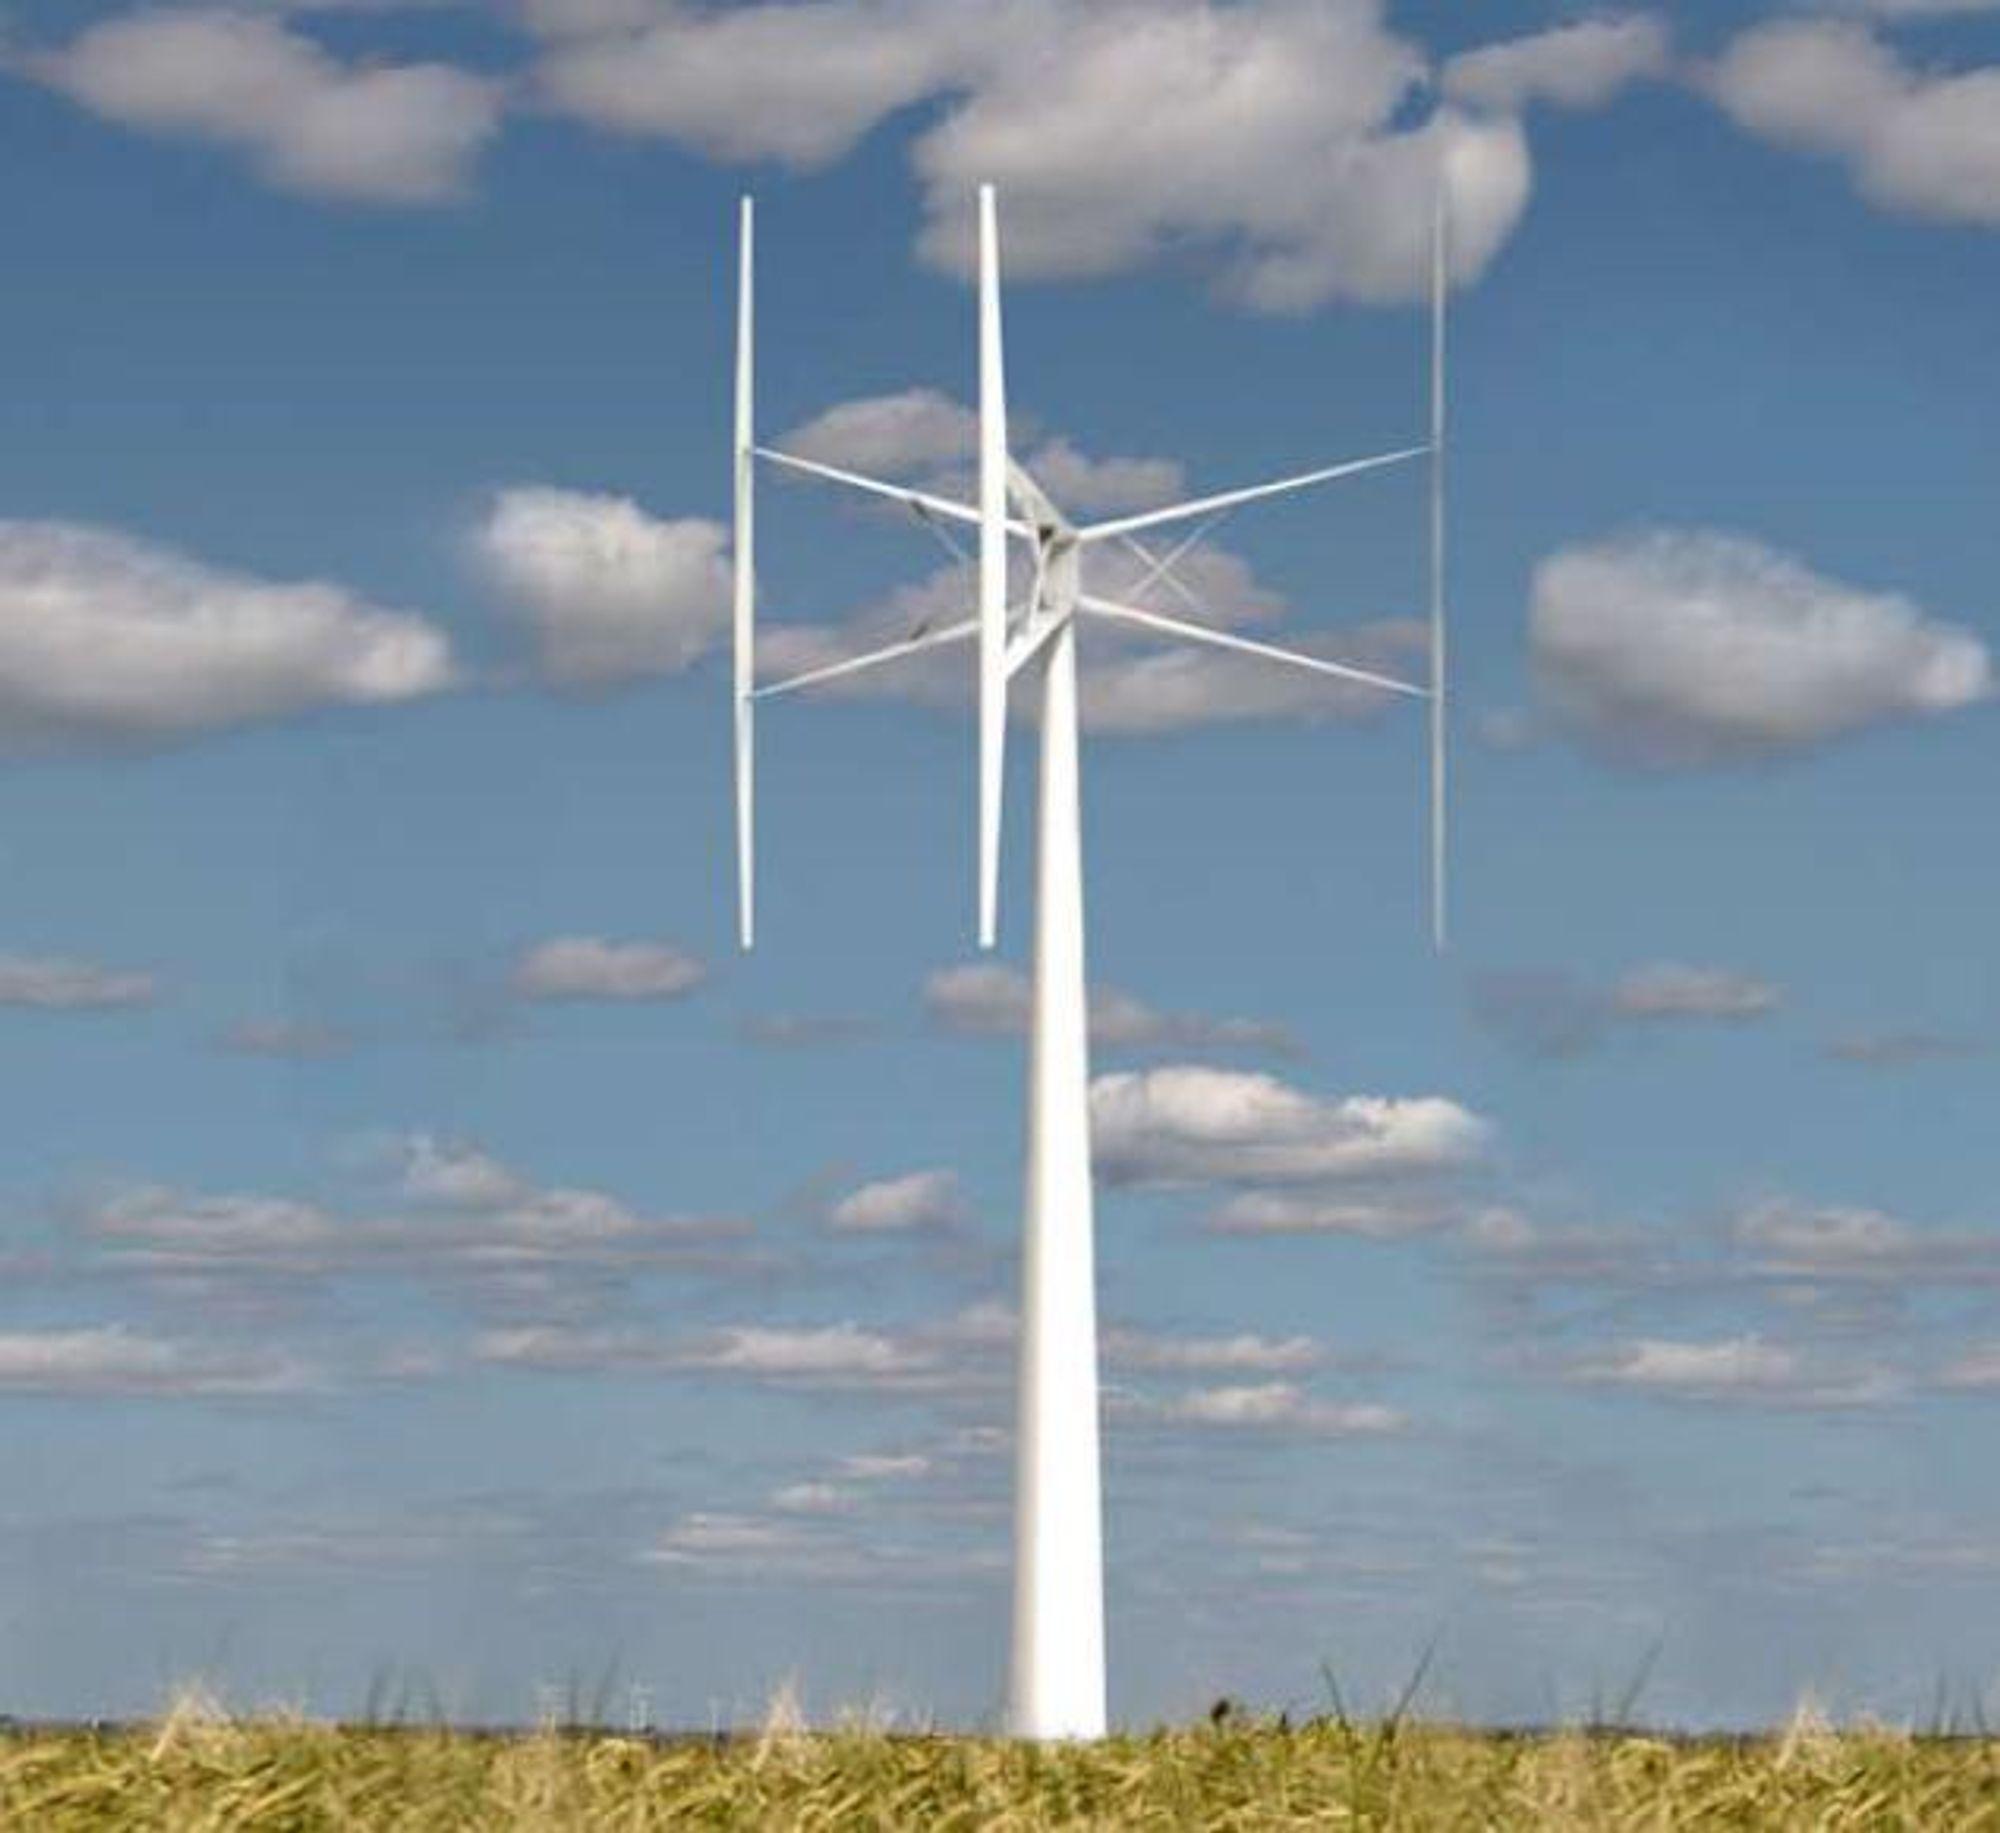 SVERIGES FØRSTE: Disse turbinene skal produseres ved Sveriges første komplette vindkraftfabrikk. Møllene er uten gir, men ganske små og foreløpig beregnet for et nisjemarked.